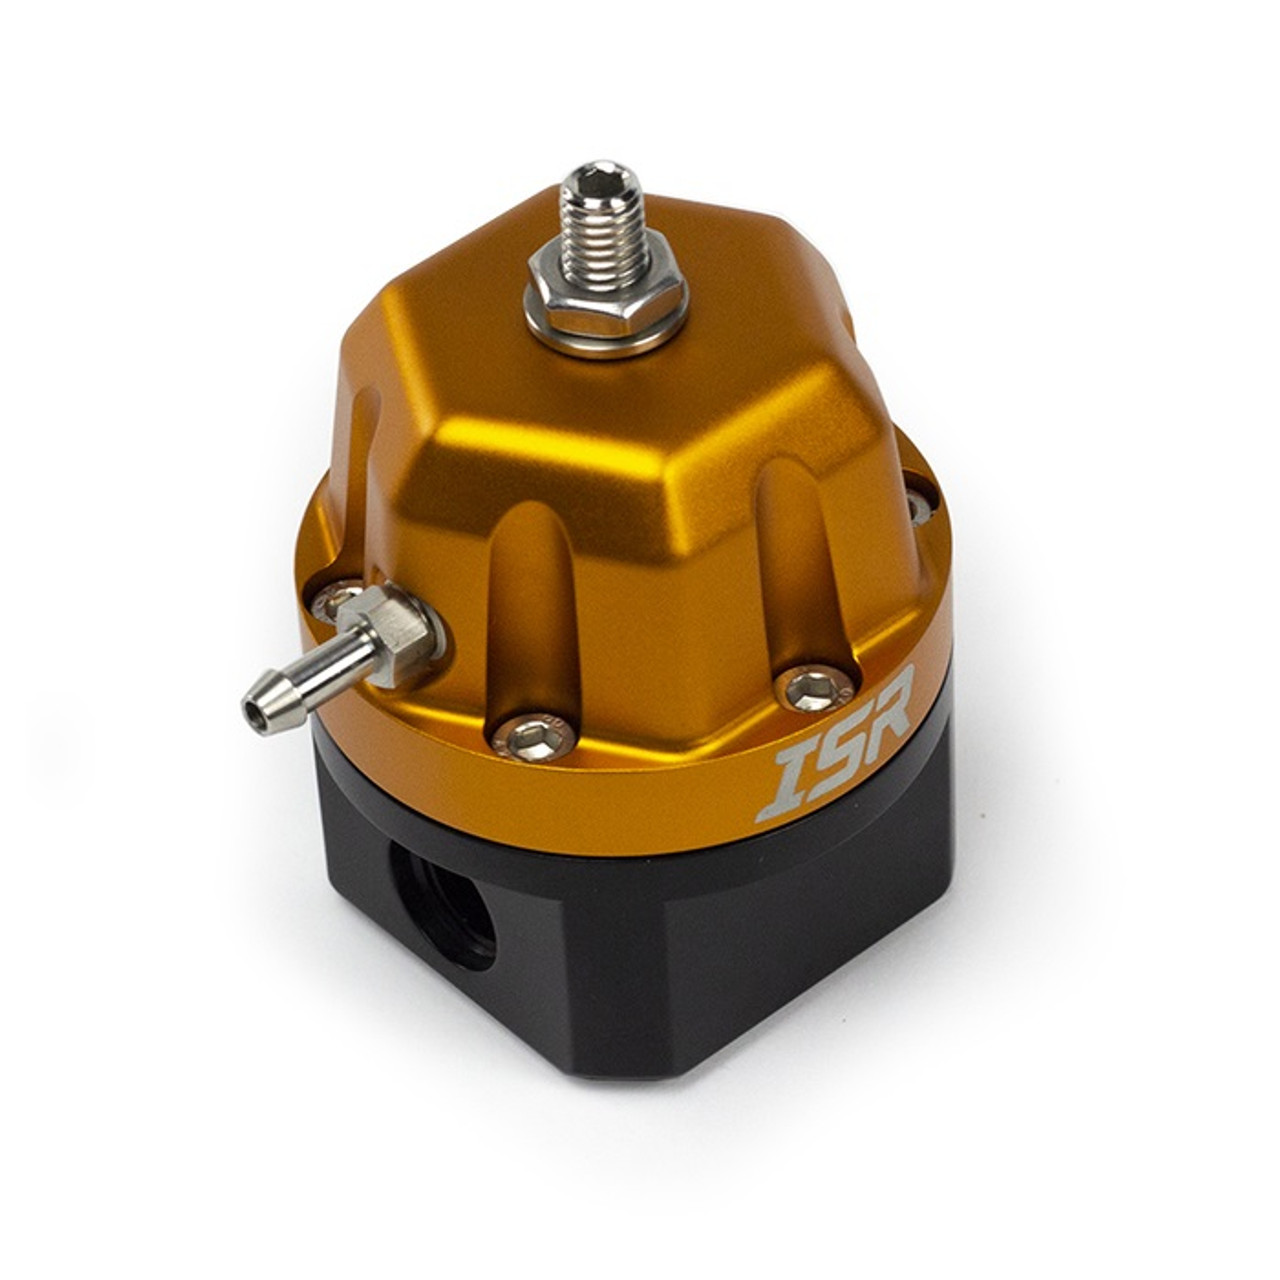 ISR Fuel Pressure Regulator Adapter FPR Silvia S13 S14 240SX SR20DET KA24DE New